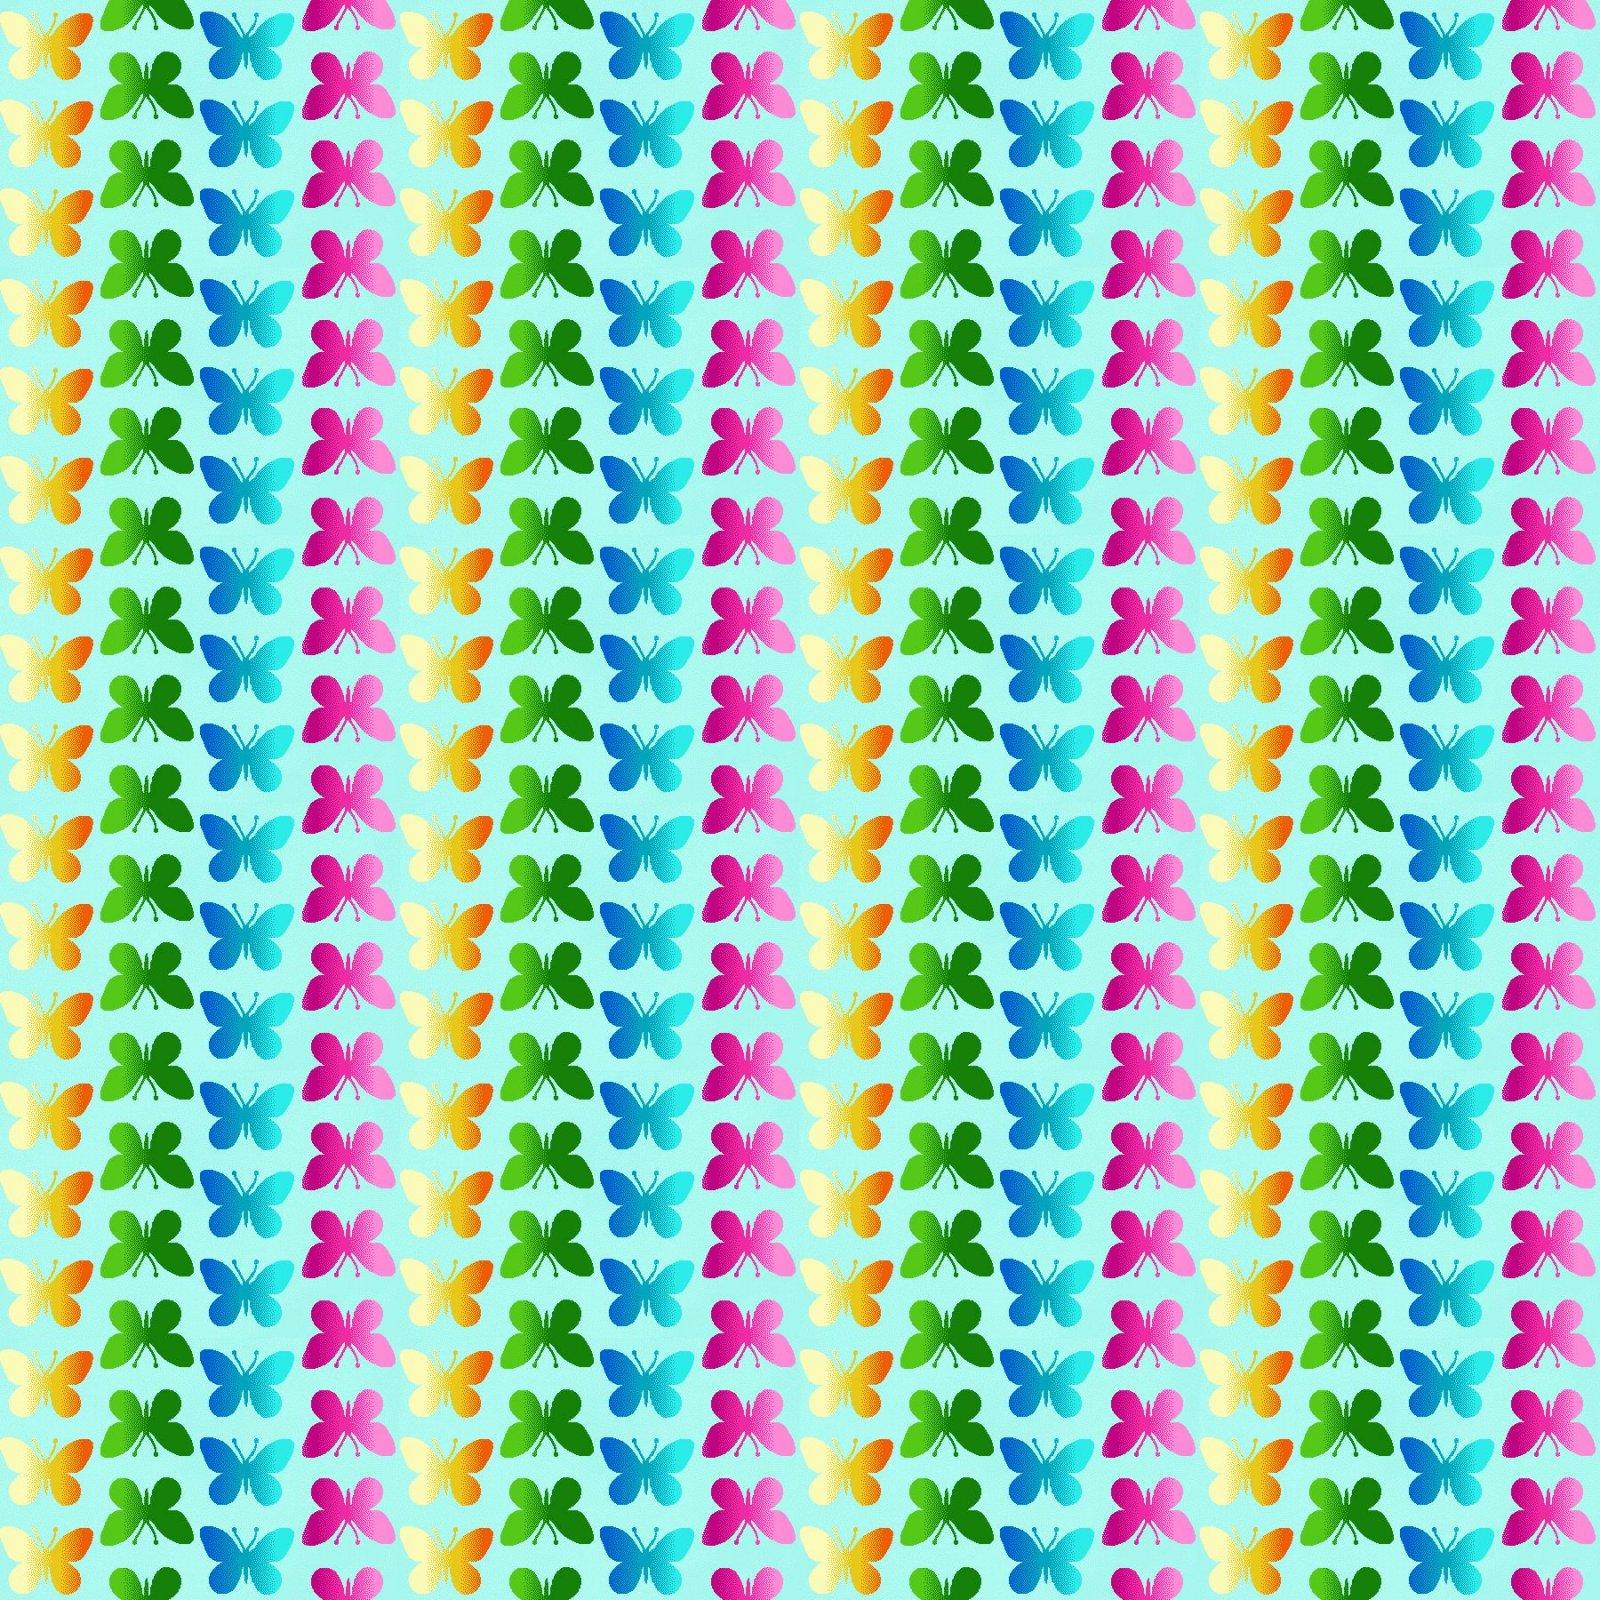 SE-Butterfly Bliss 5922-17 Aqua - Butterfly Ombre Stripe